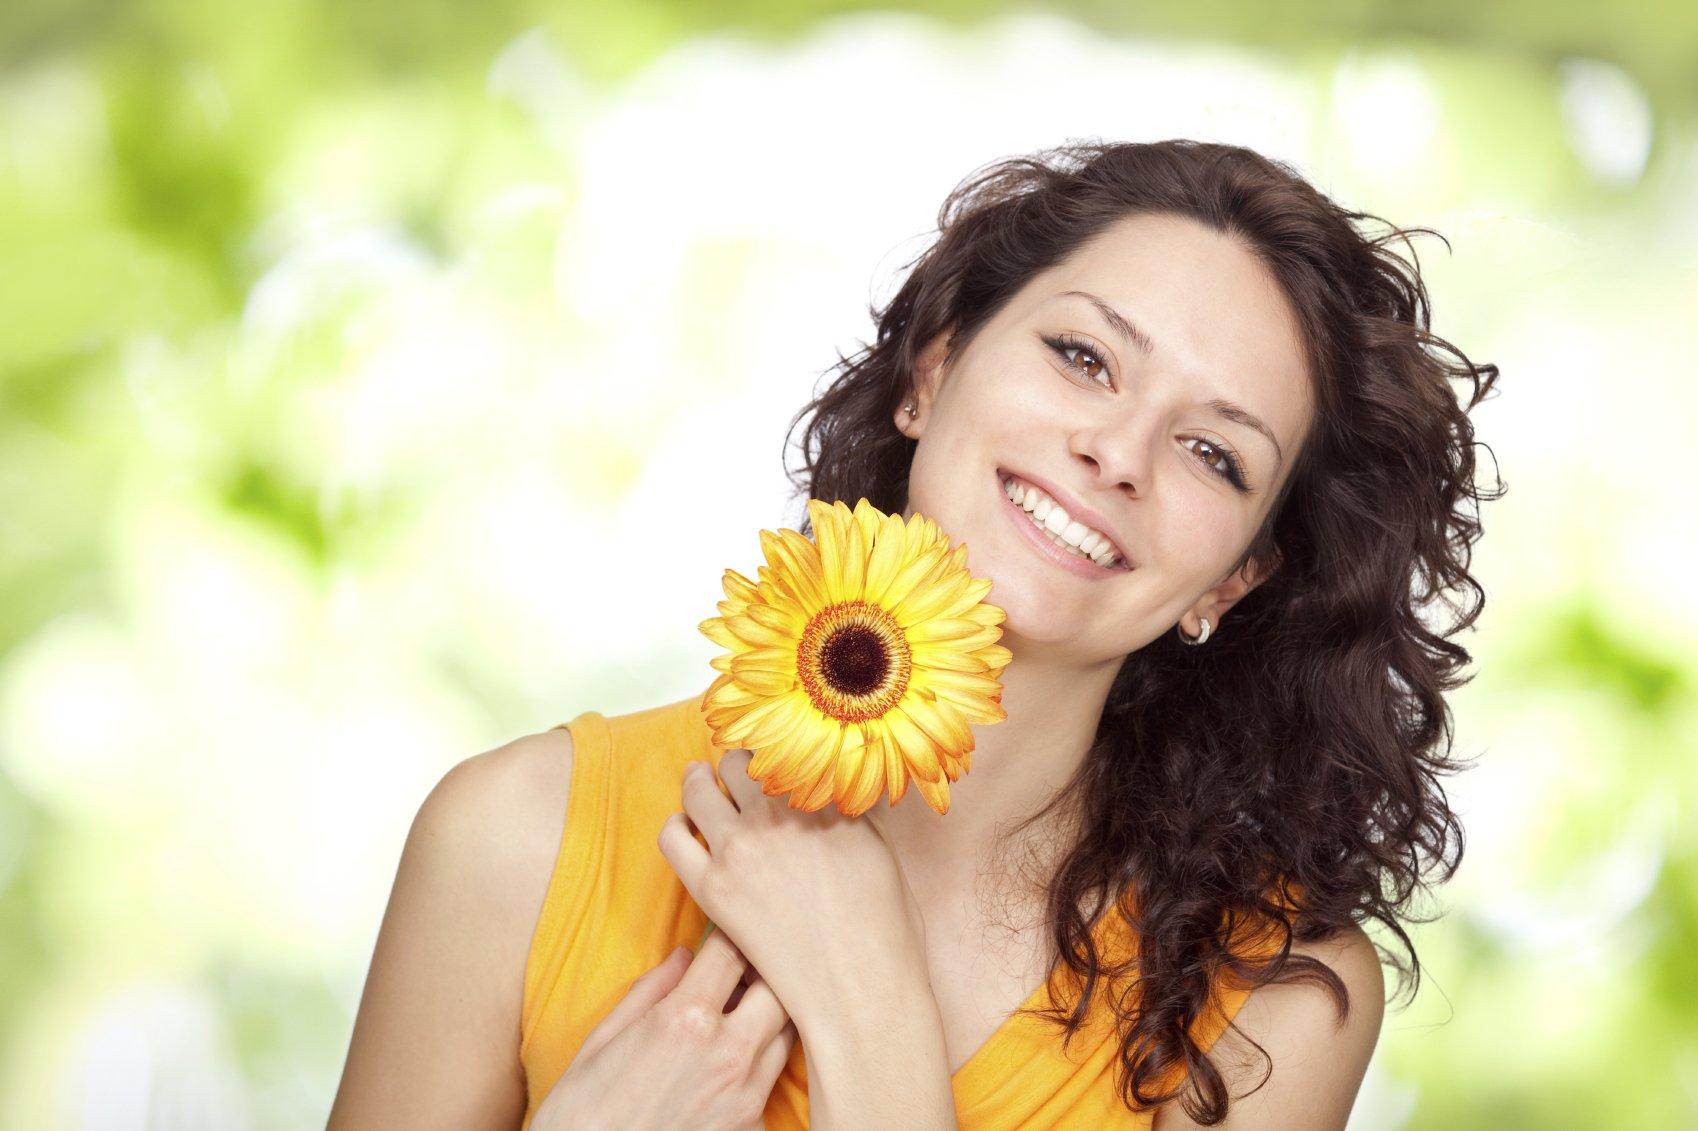 Димексид — вспомогательное средство при лечении женских болезней